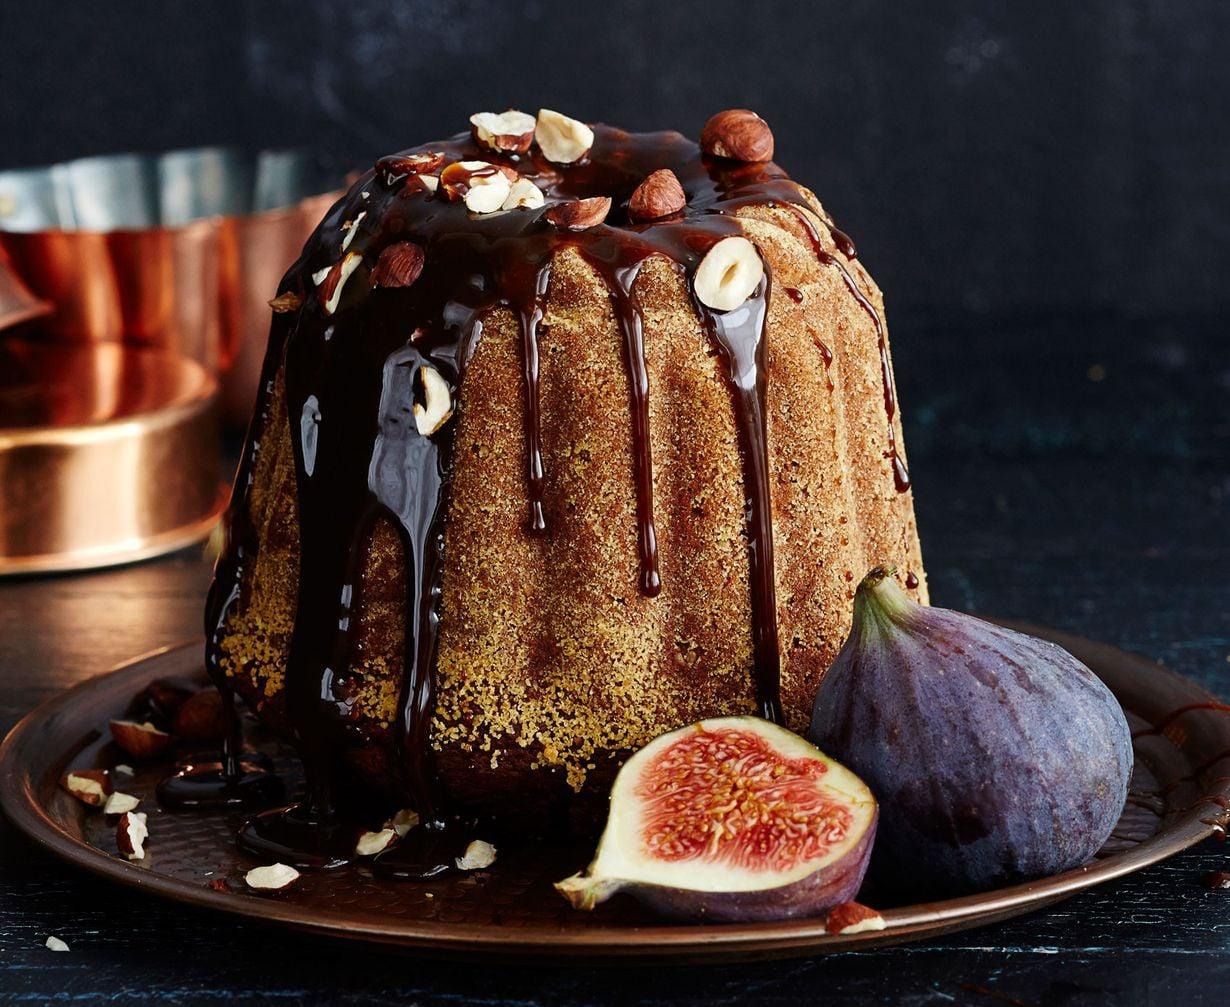 Viikunat, kahvi, hasselpähkinä ja muscovado antavat kahvikakulle syvän maun. Viikunakakun reseptin löydät jutun lopusta.